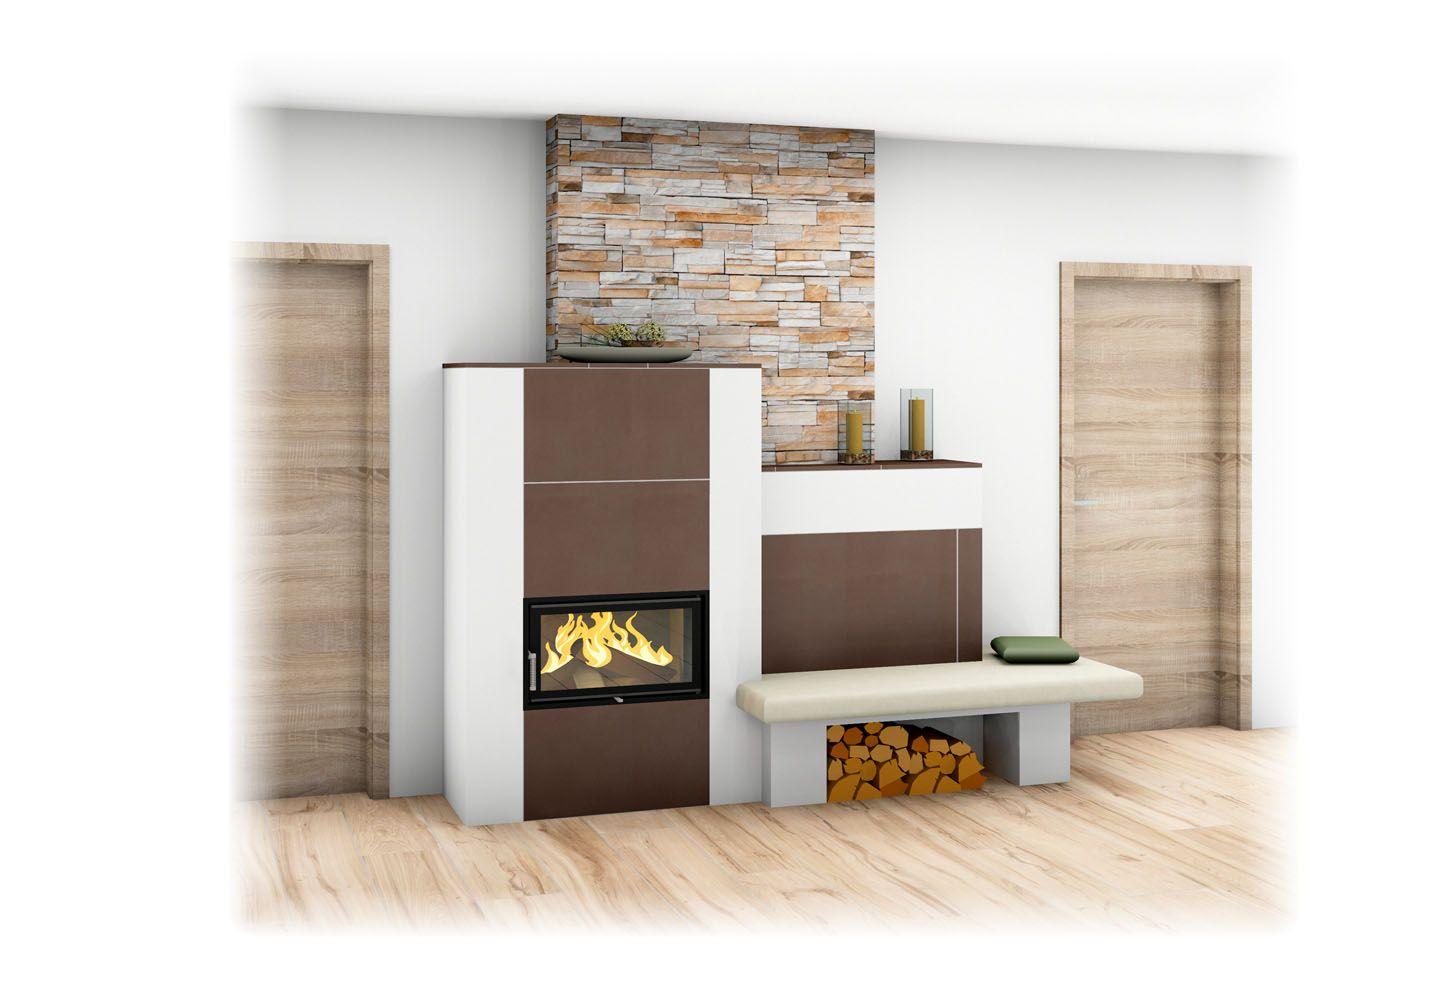 steinwand wohnzimmer ofen blockhausimpressionen fen und herde scandinavian bloghaus. Black Bedroom Furniture Sets. Home Design Ideas